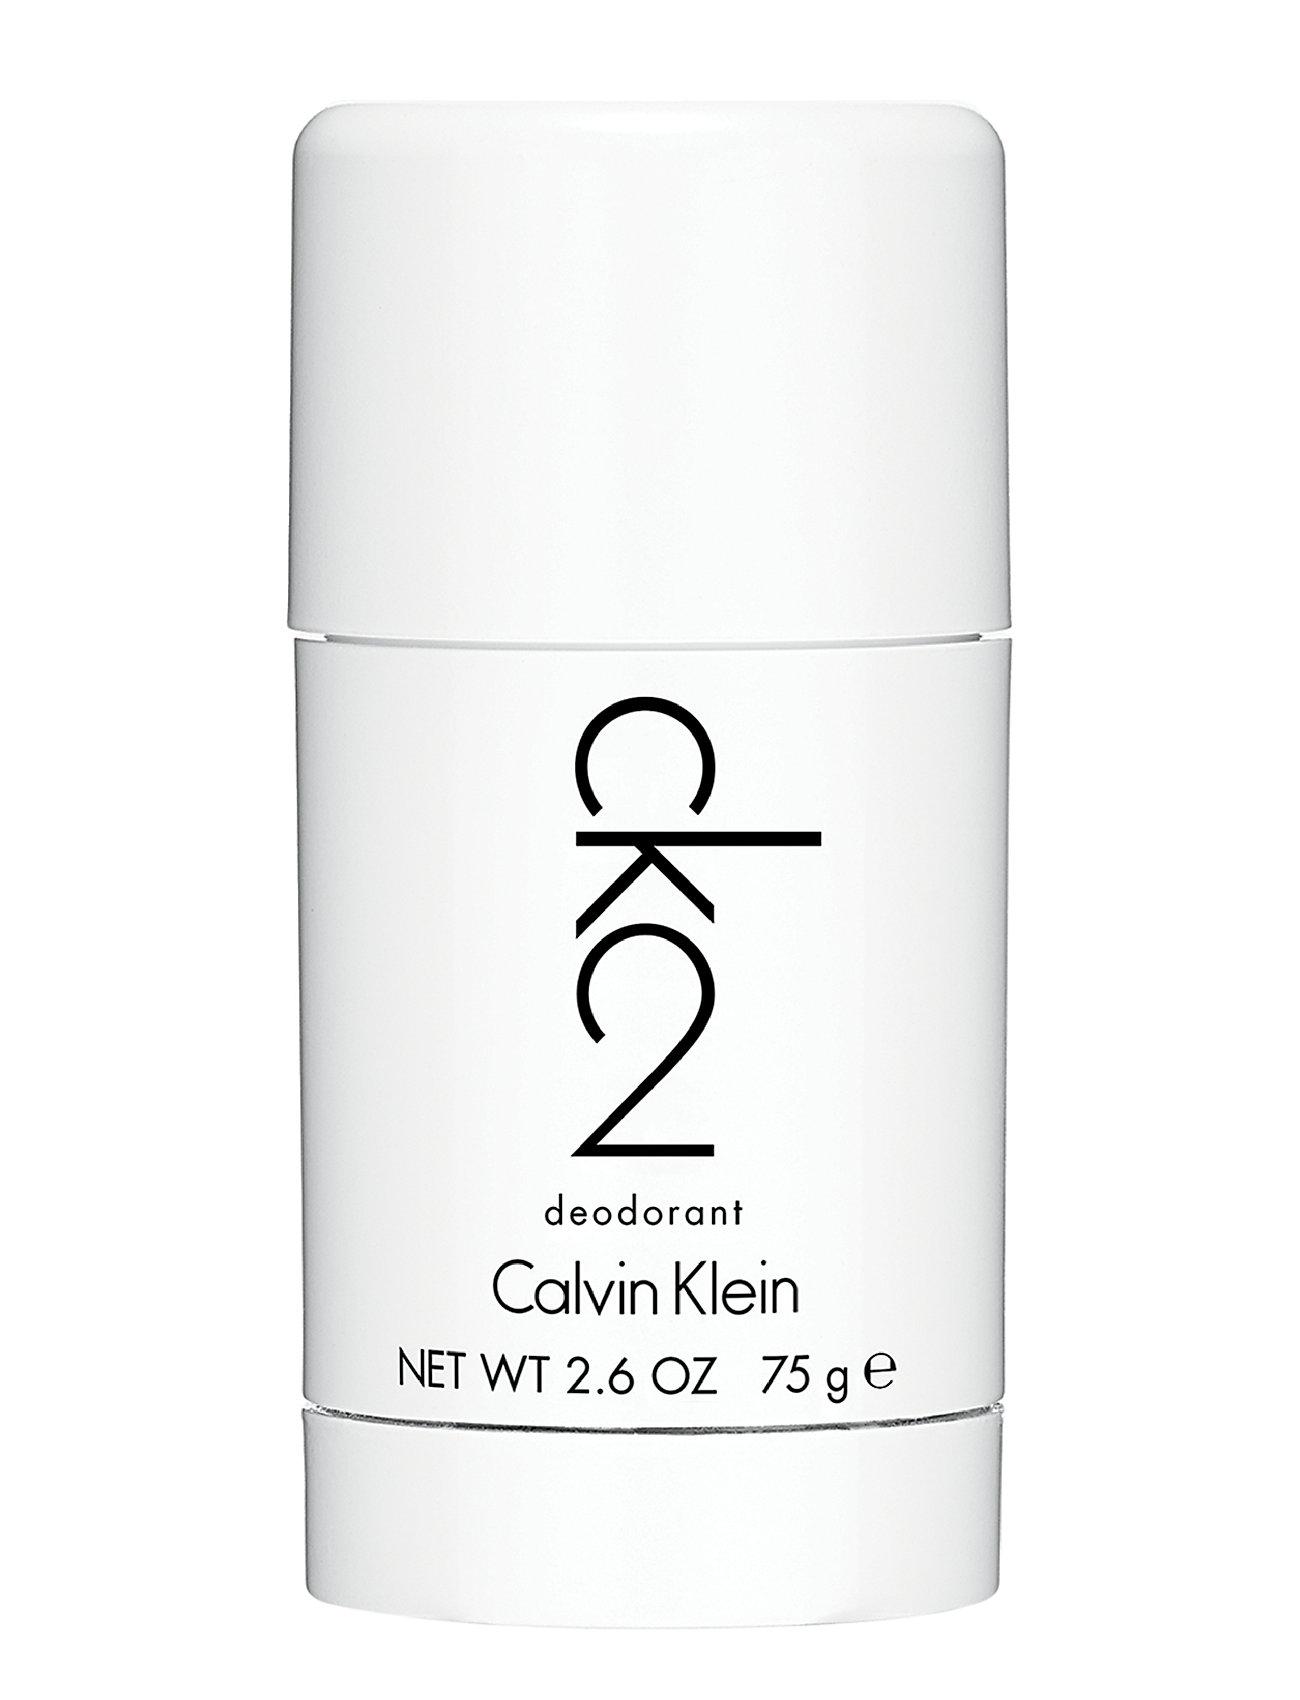 ck2 deodorant stick no color 220 kr calvin klein fragrance. Black Bedroom Furniture Sets. Home Design Ideas